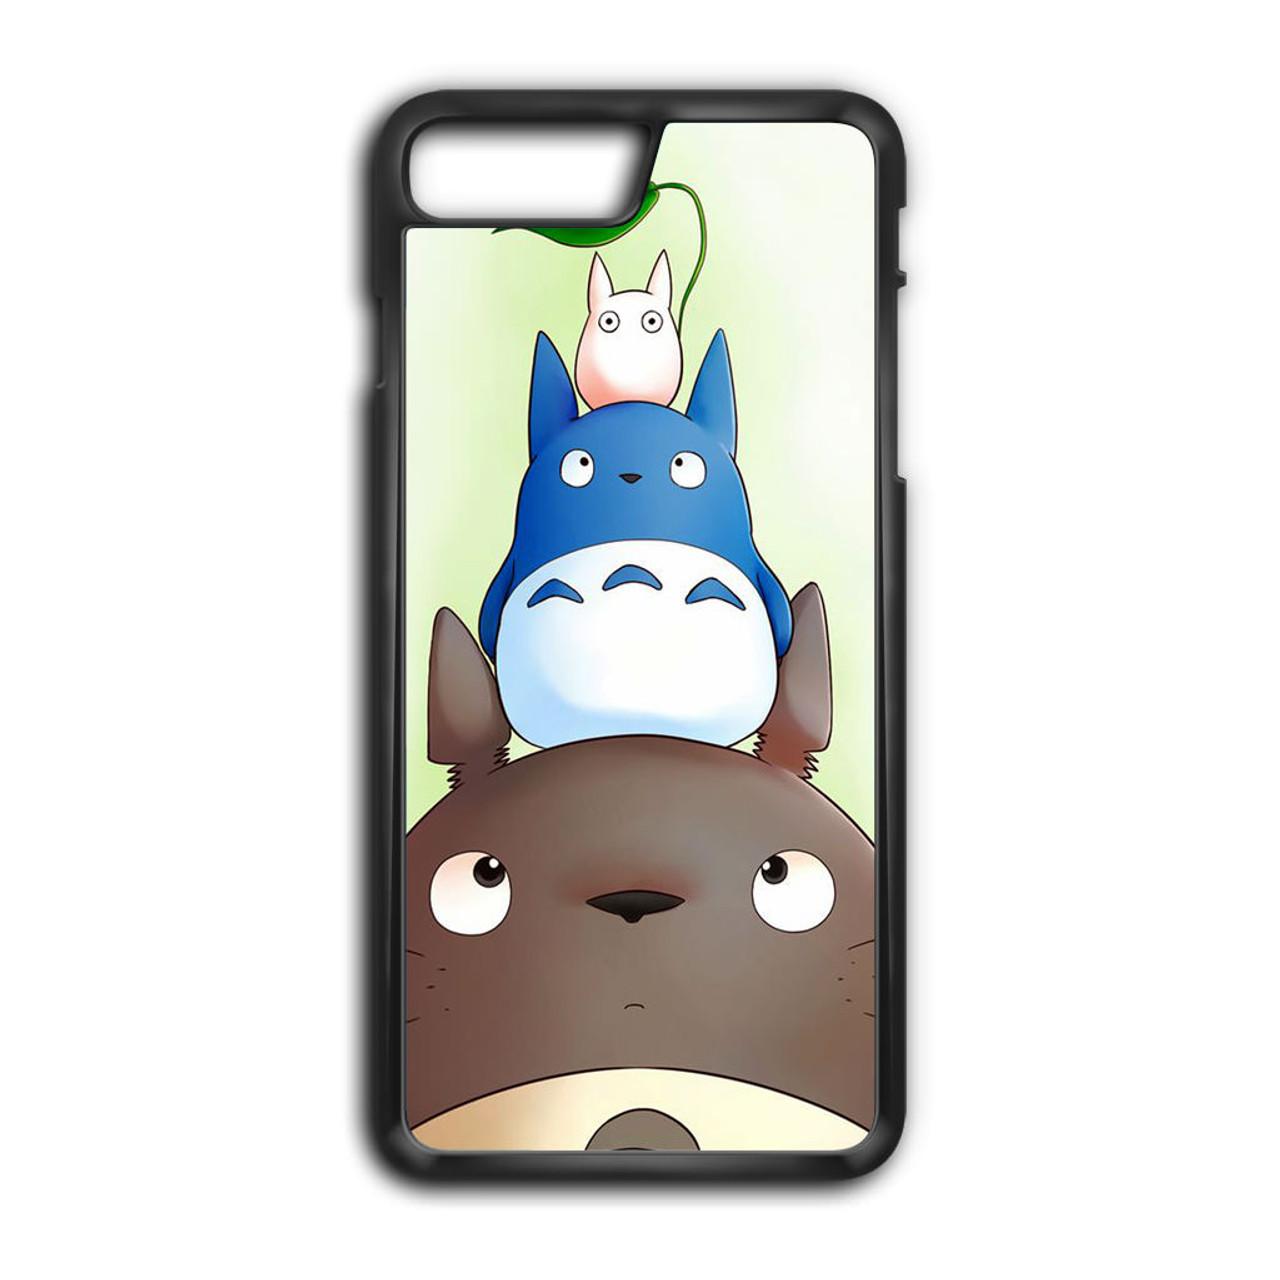 reputable site 03bff 5d120 Totoro iPhone 7 Plus Case